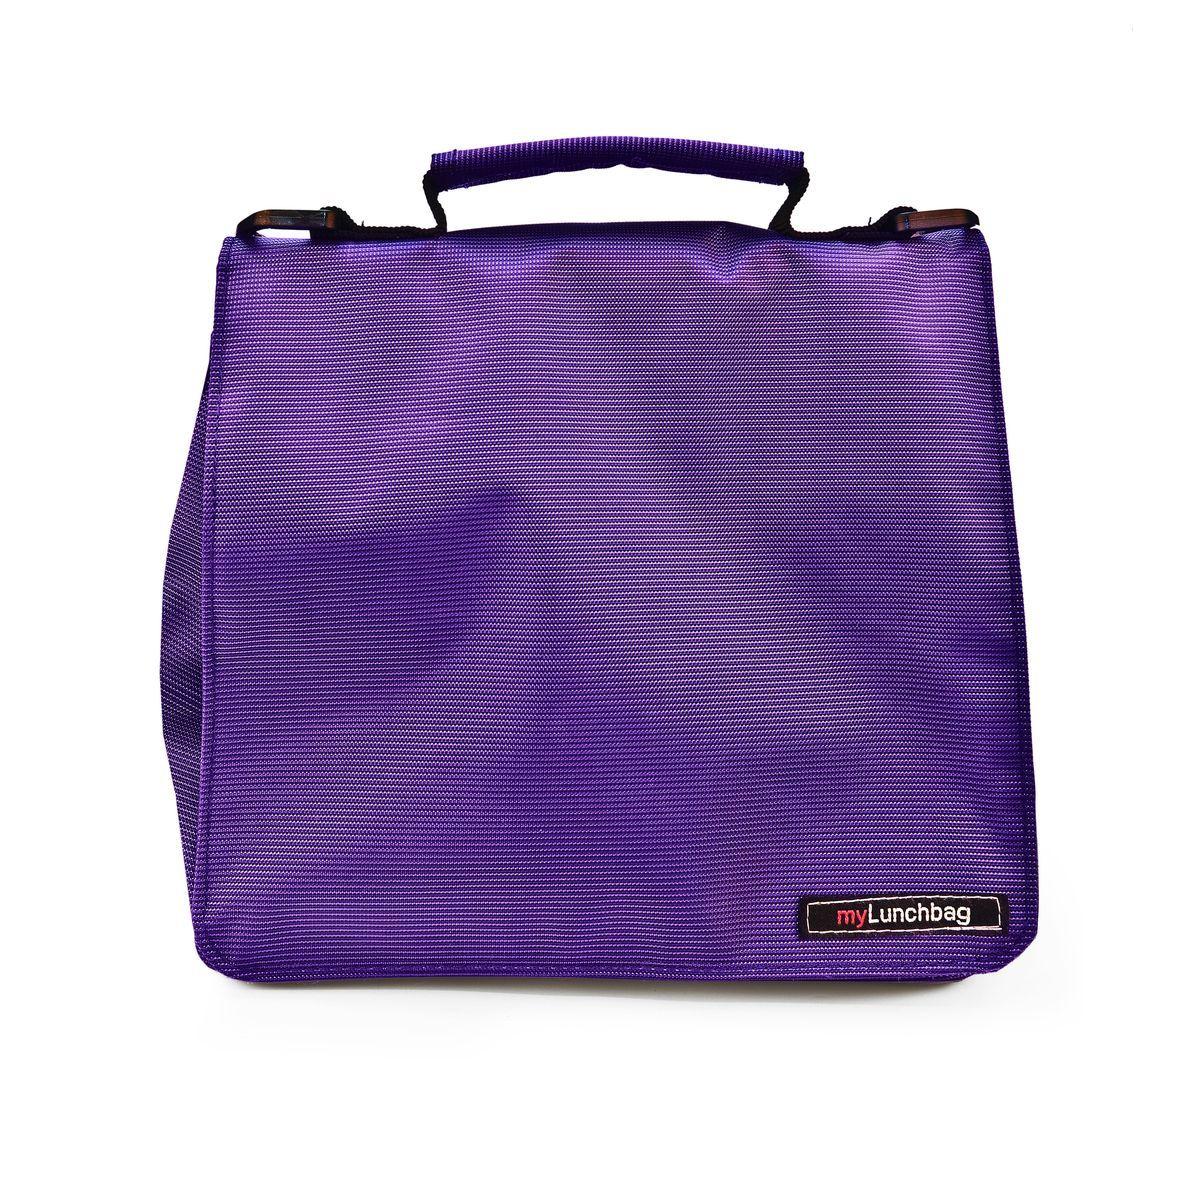 Термосумка для ланч-бокса Iris Smart MyLunchbag, цвет: фиолетовый, 25 х 13 х 20 смI9322-TXТермосумка для ланч-бокса Iris Smart MyLunchbag отлично сохраняет свежесть и вкус продукта на несколько часов. Она выполнена из полиэстера.Пригодится везде: на прогулке, на работе, учебе и т.д. С ней легко справится даже ребенок. Легко складывается до небольших размеров. Присутствует удобный кармашек для аксессуаров и регулируемый ремень для переноски (в одной руке или на плече).Рекомендуется регулярно стирать вручную в теплой воде с мылом.Размеры: 25 х 13 х 20 см.